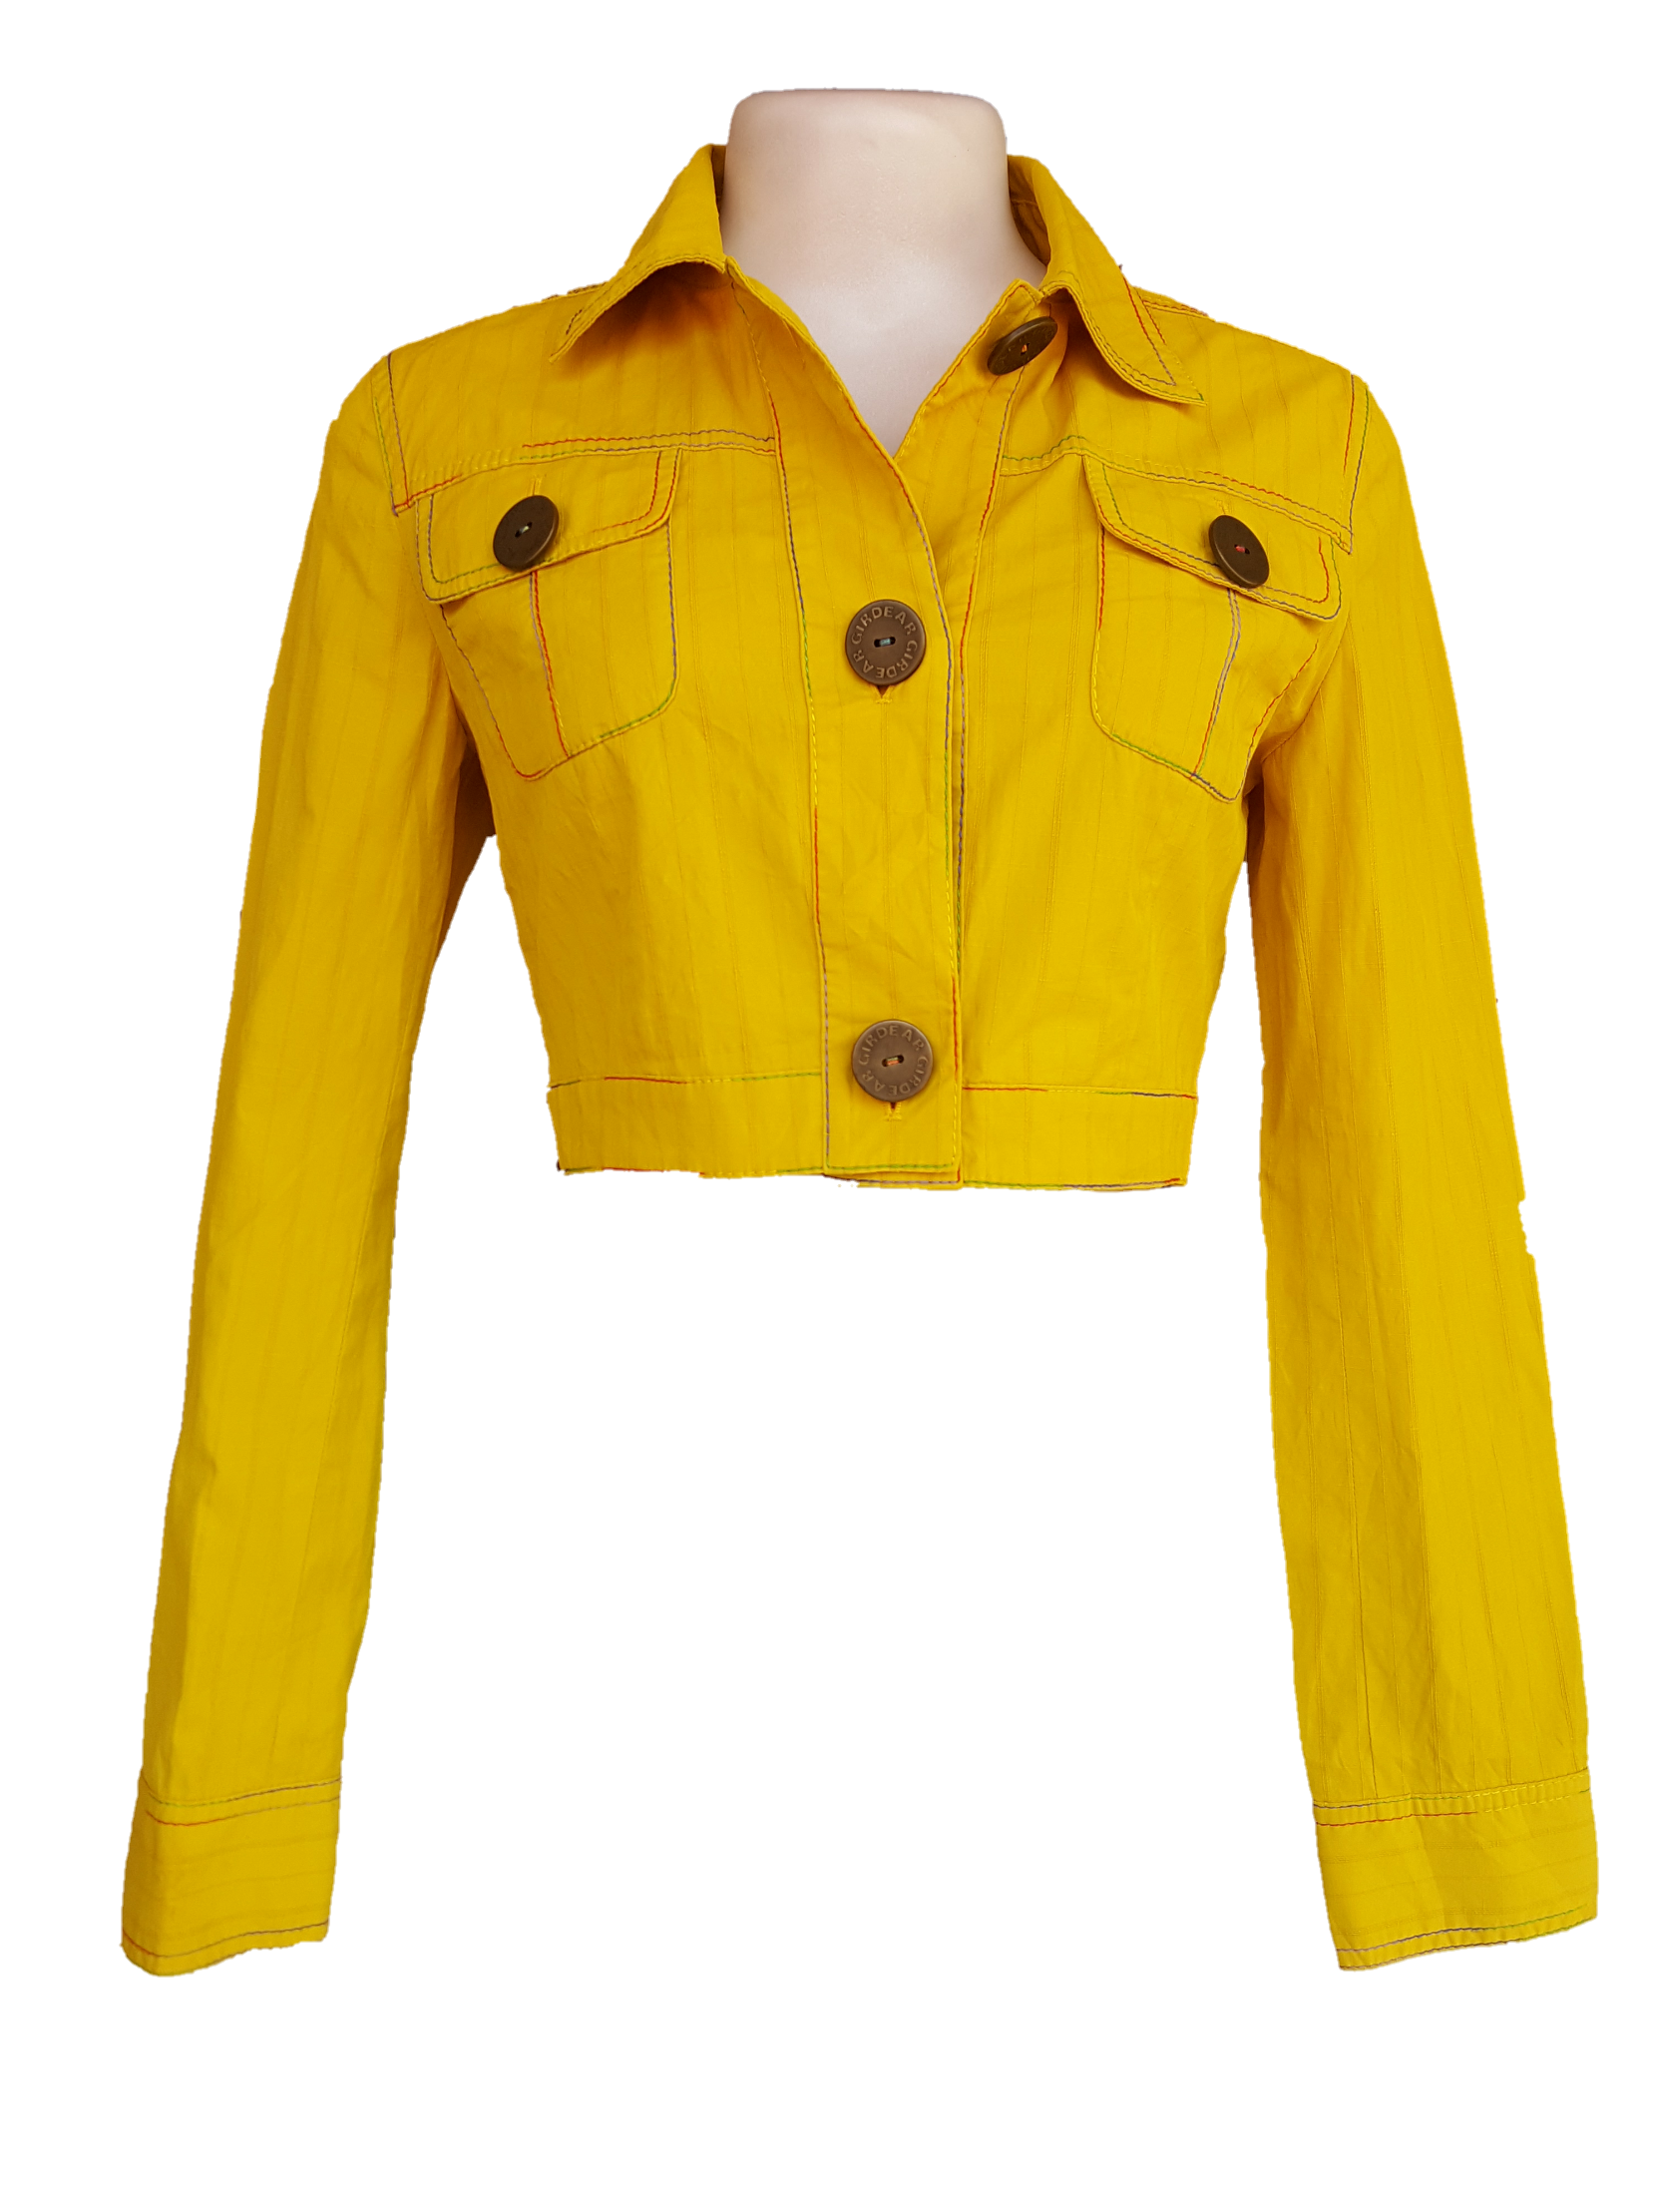 Yellow crop top jacket.